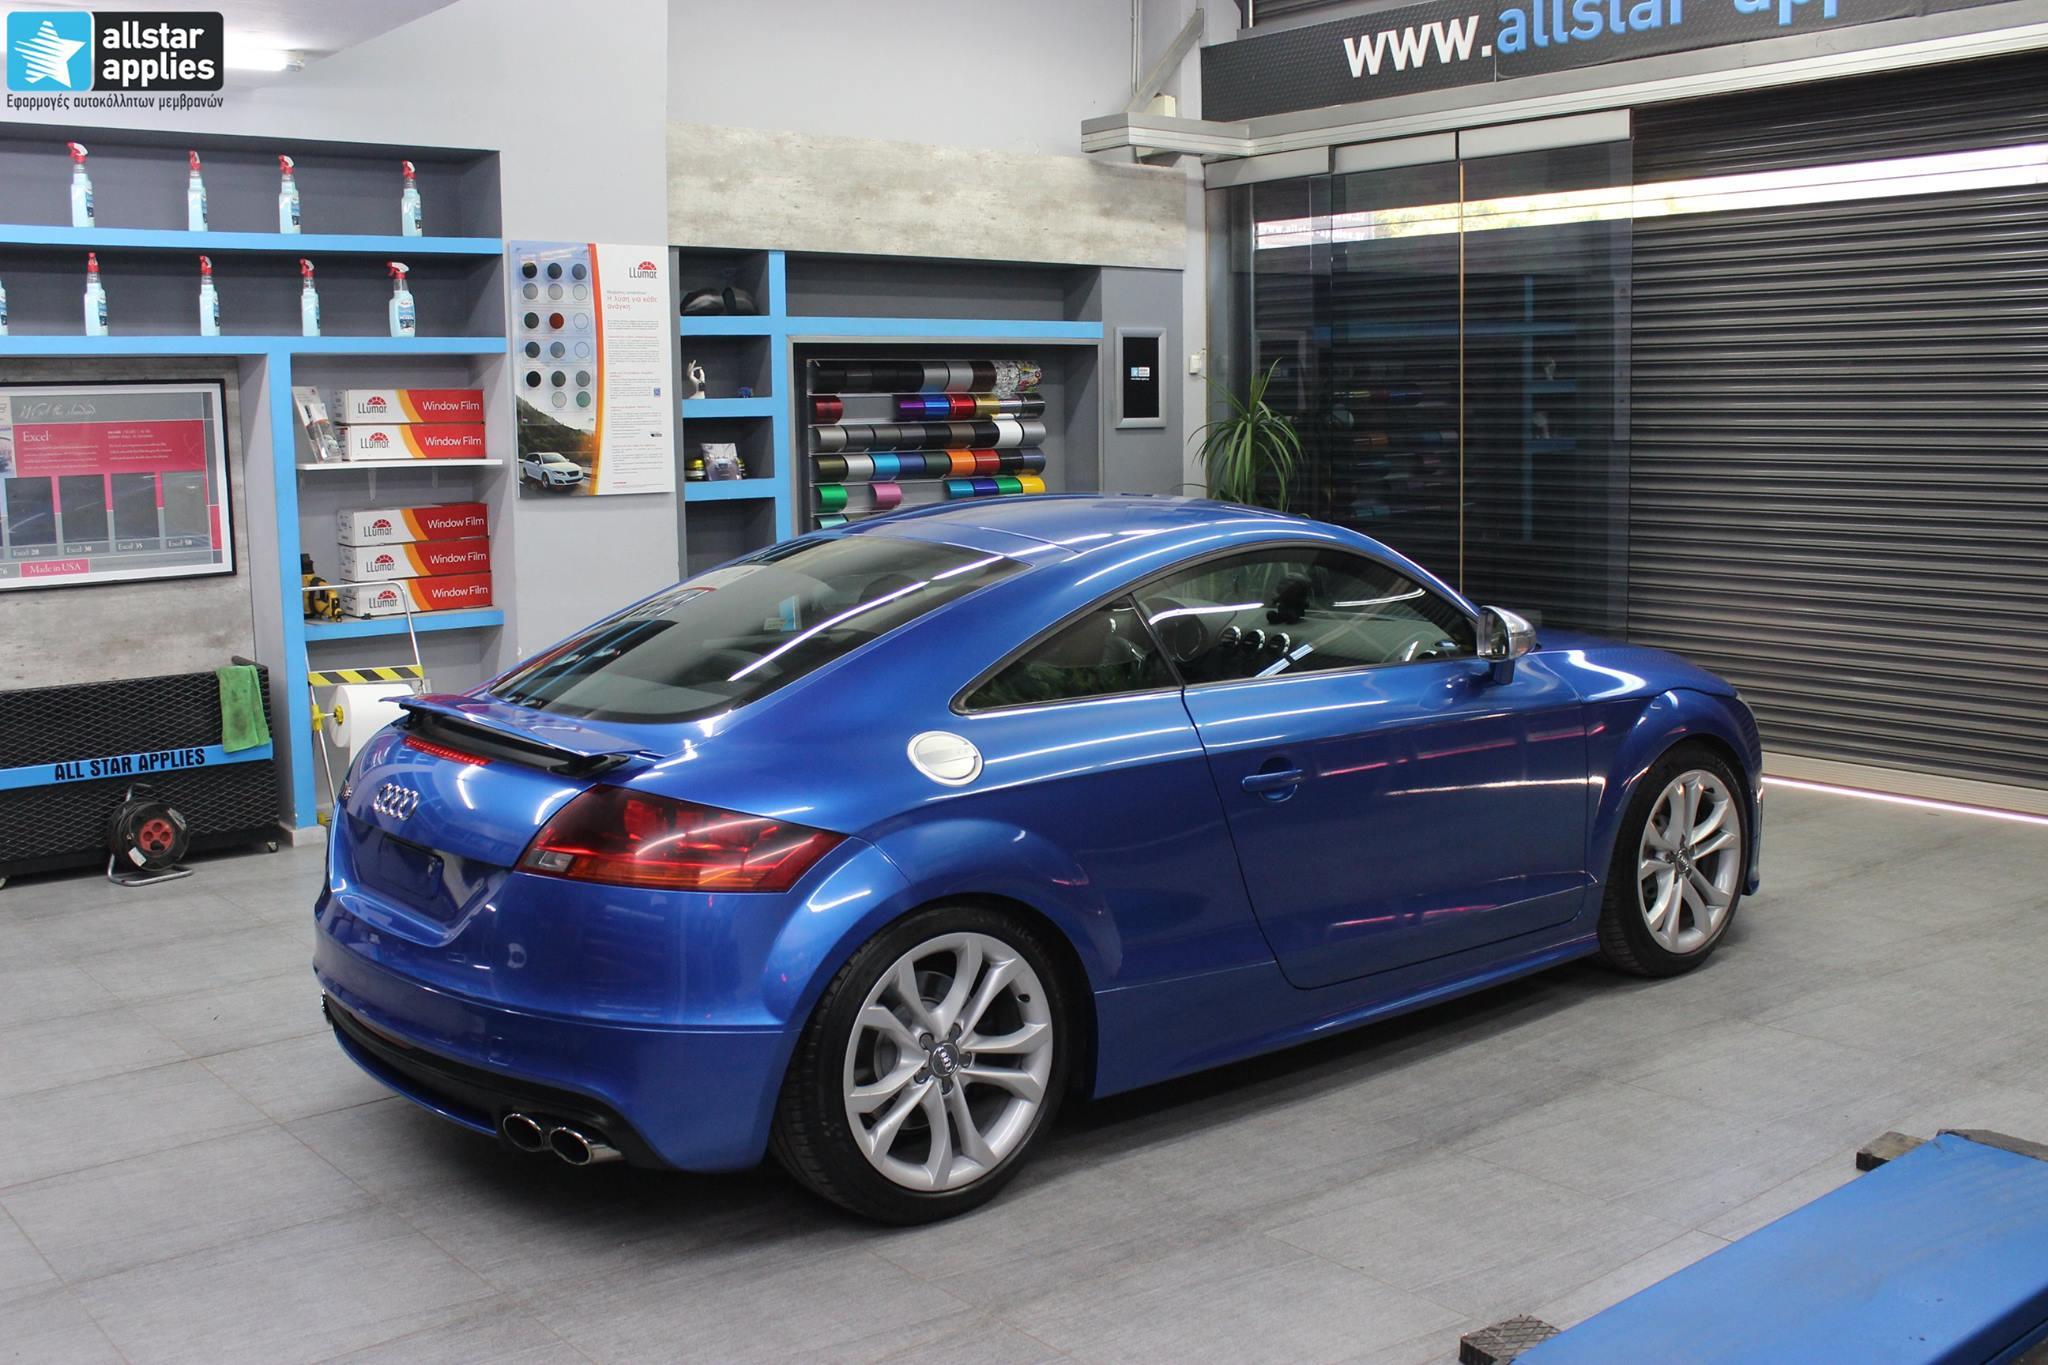 Audi TTS - Daytona Blue (5)